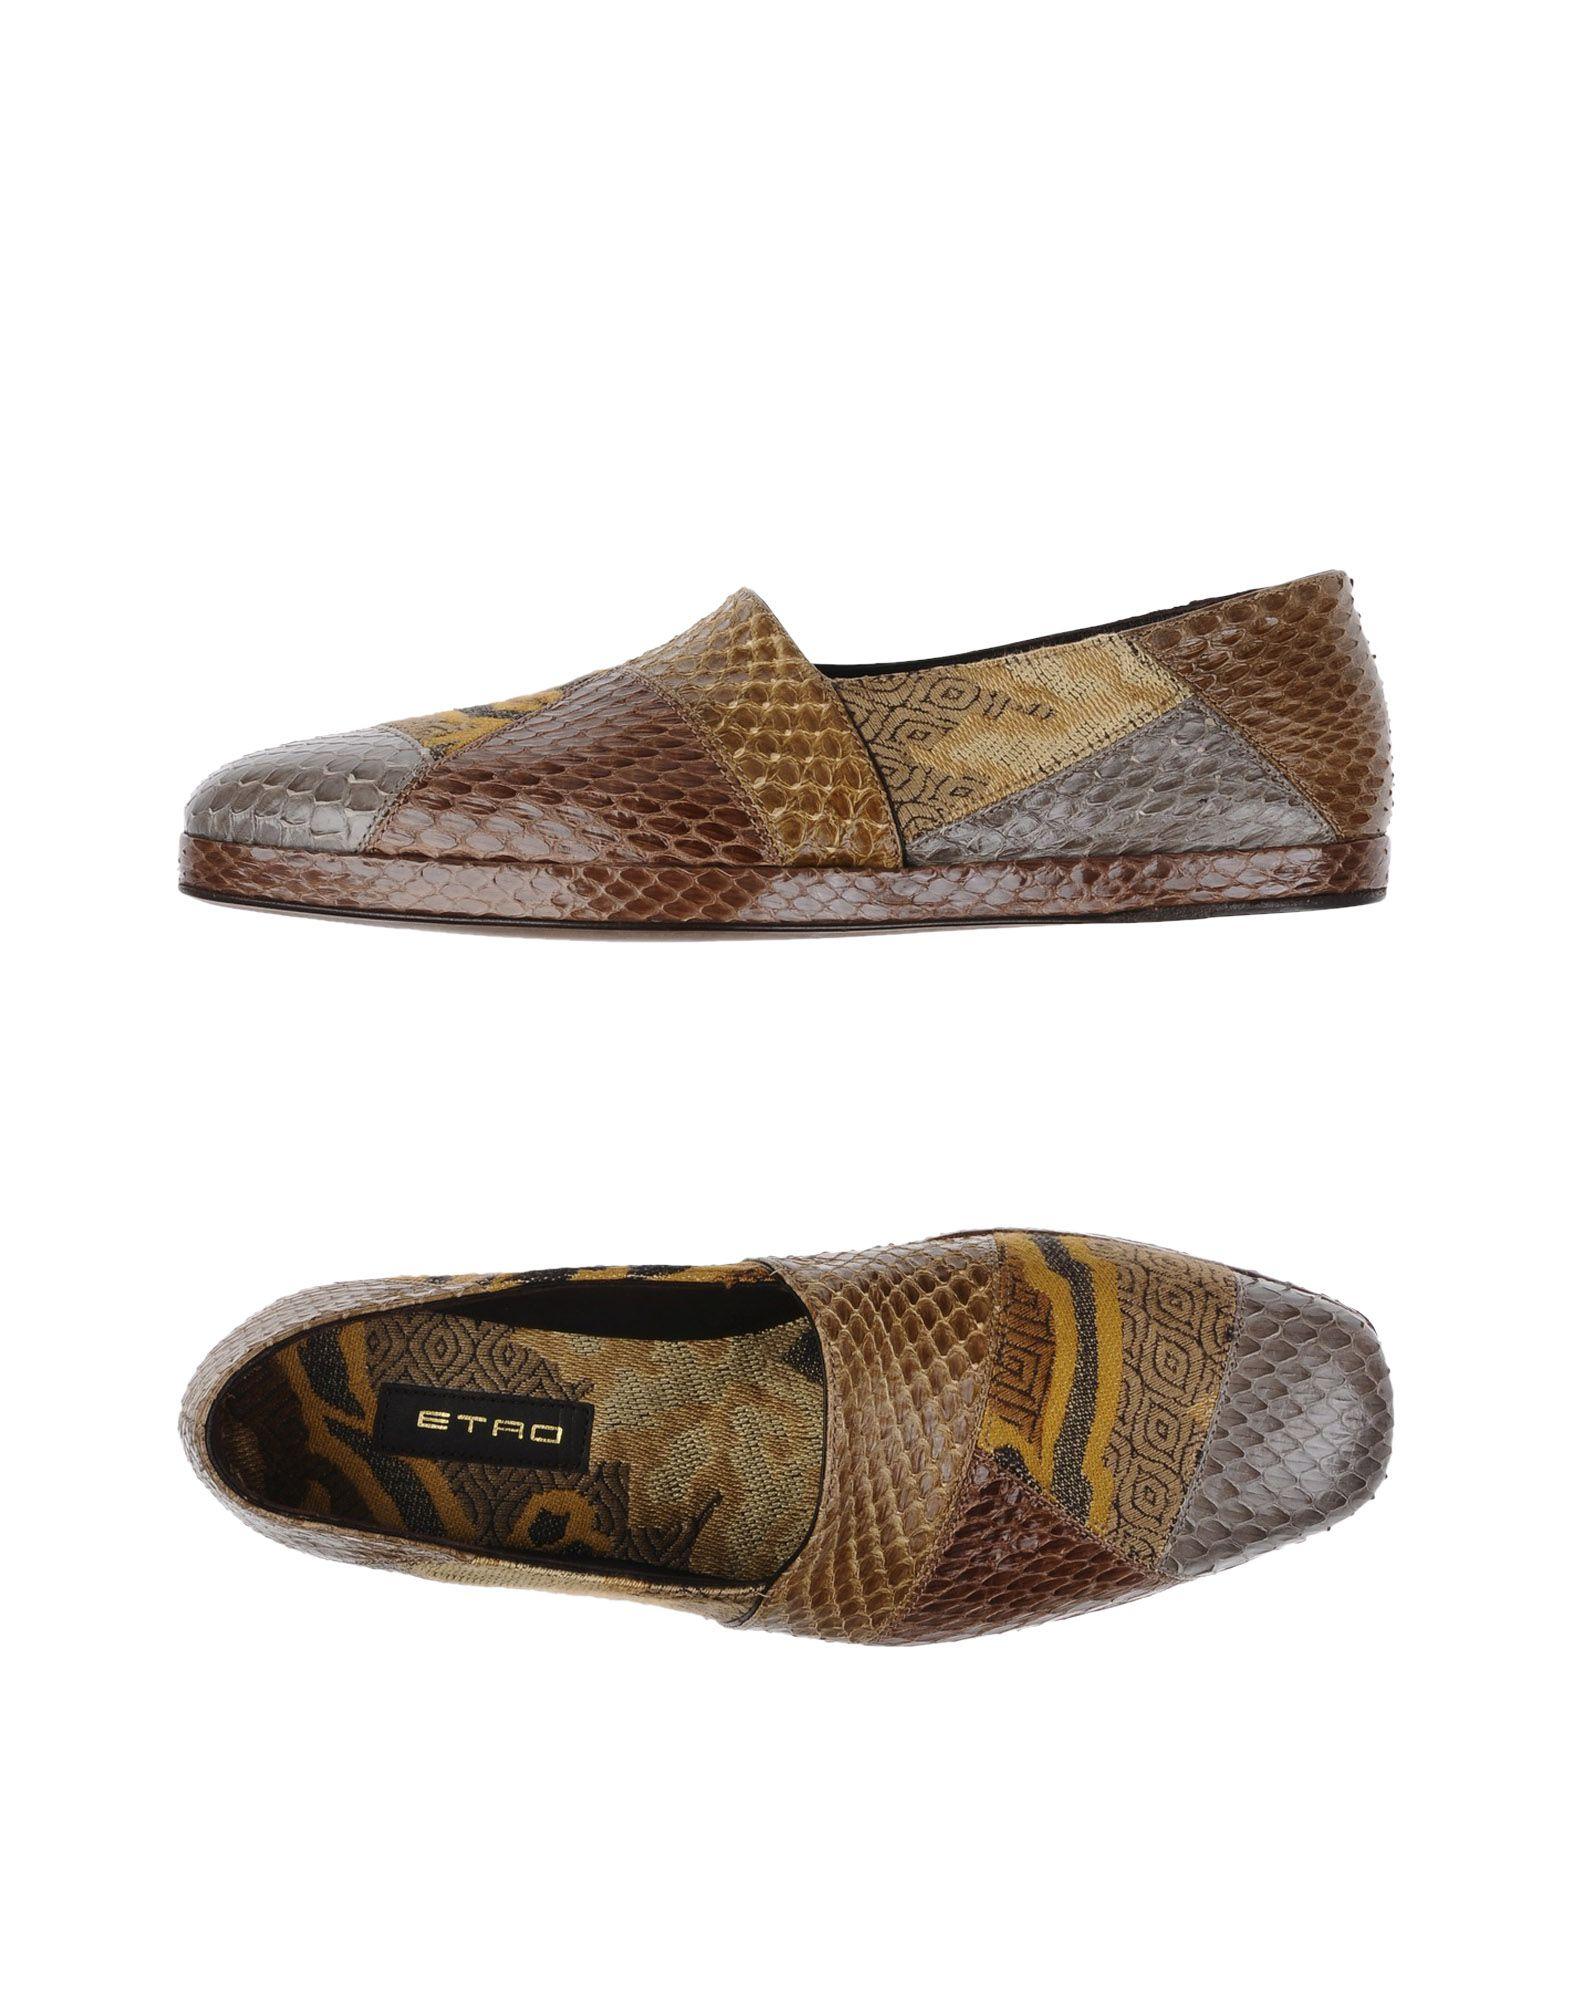 Etro Mokassins Damen  11286692MHGut aussehende strapazierfähige Schuhe